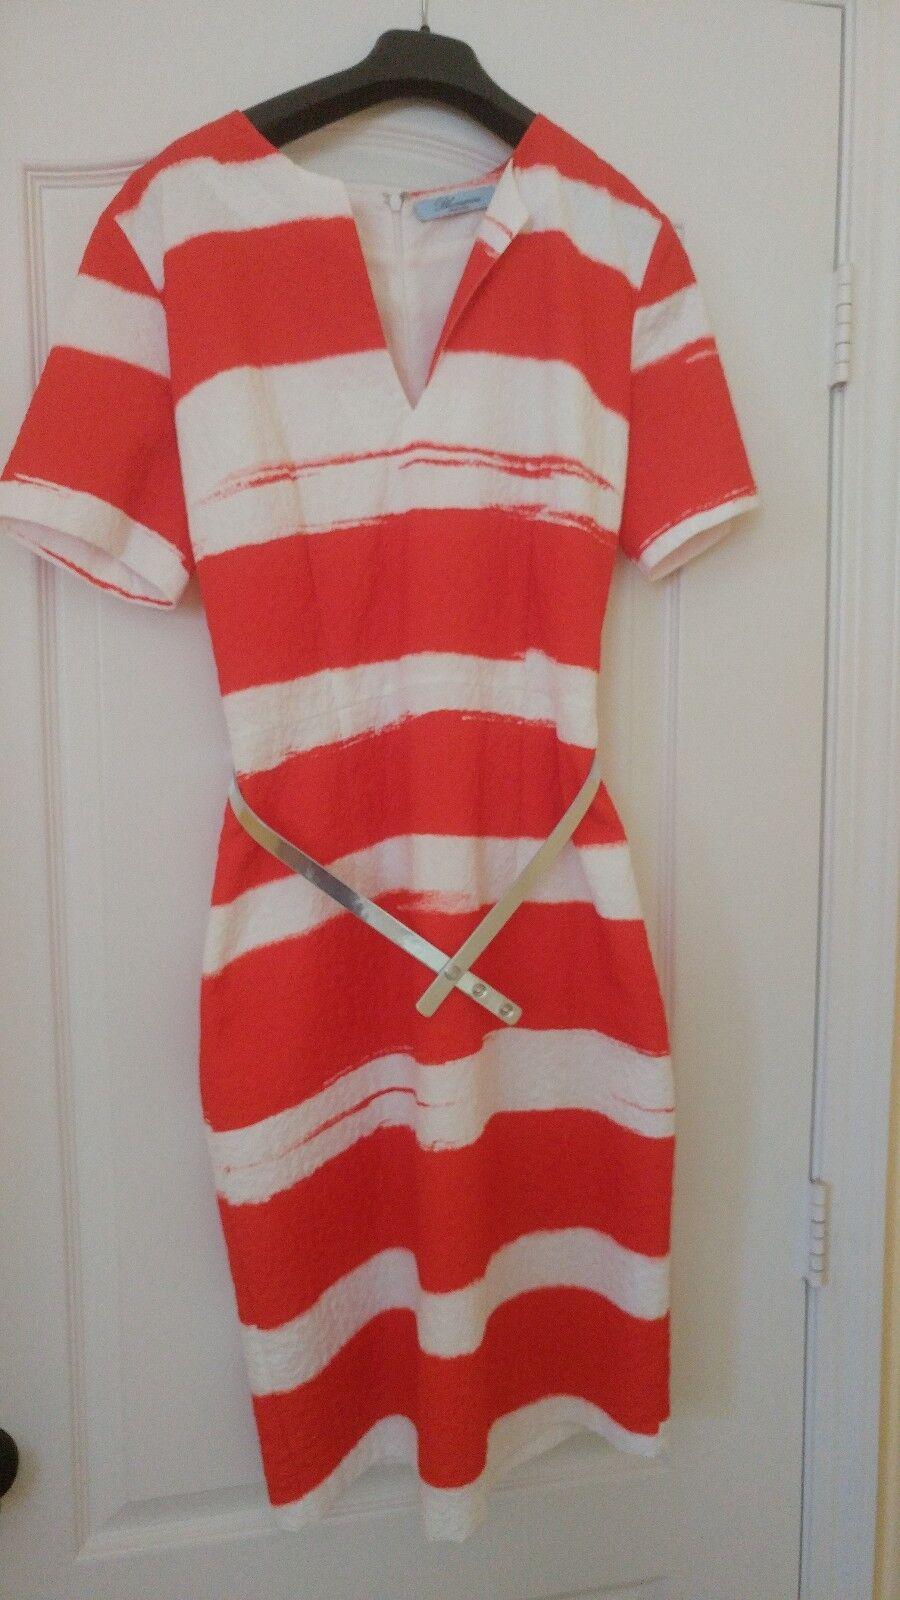 Red dress by Itailian designer bluemarine